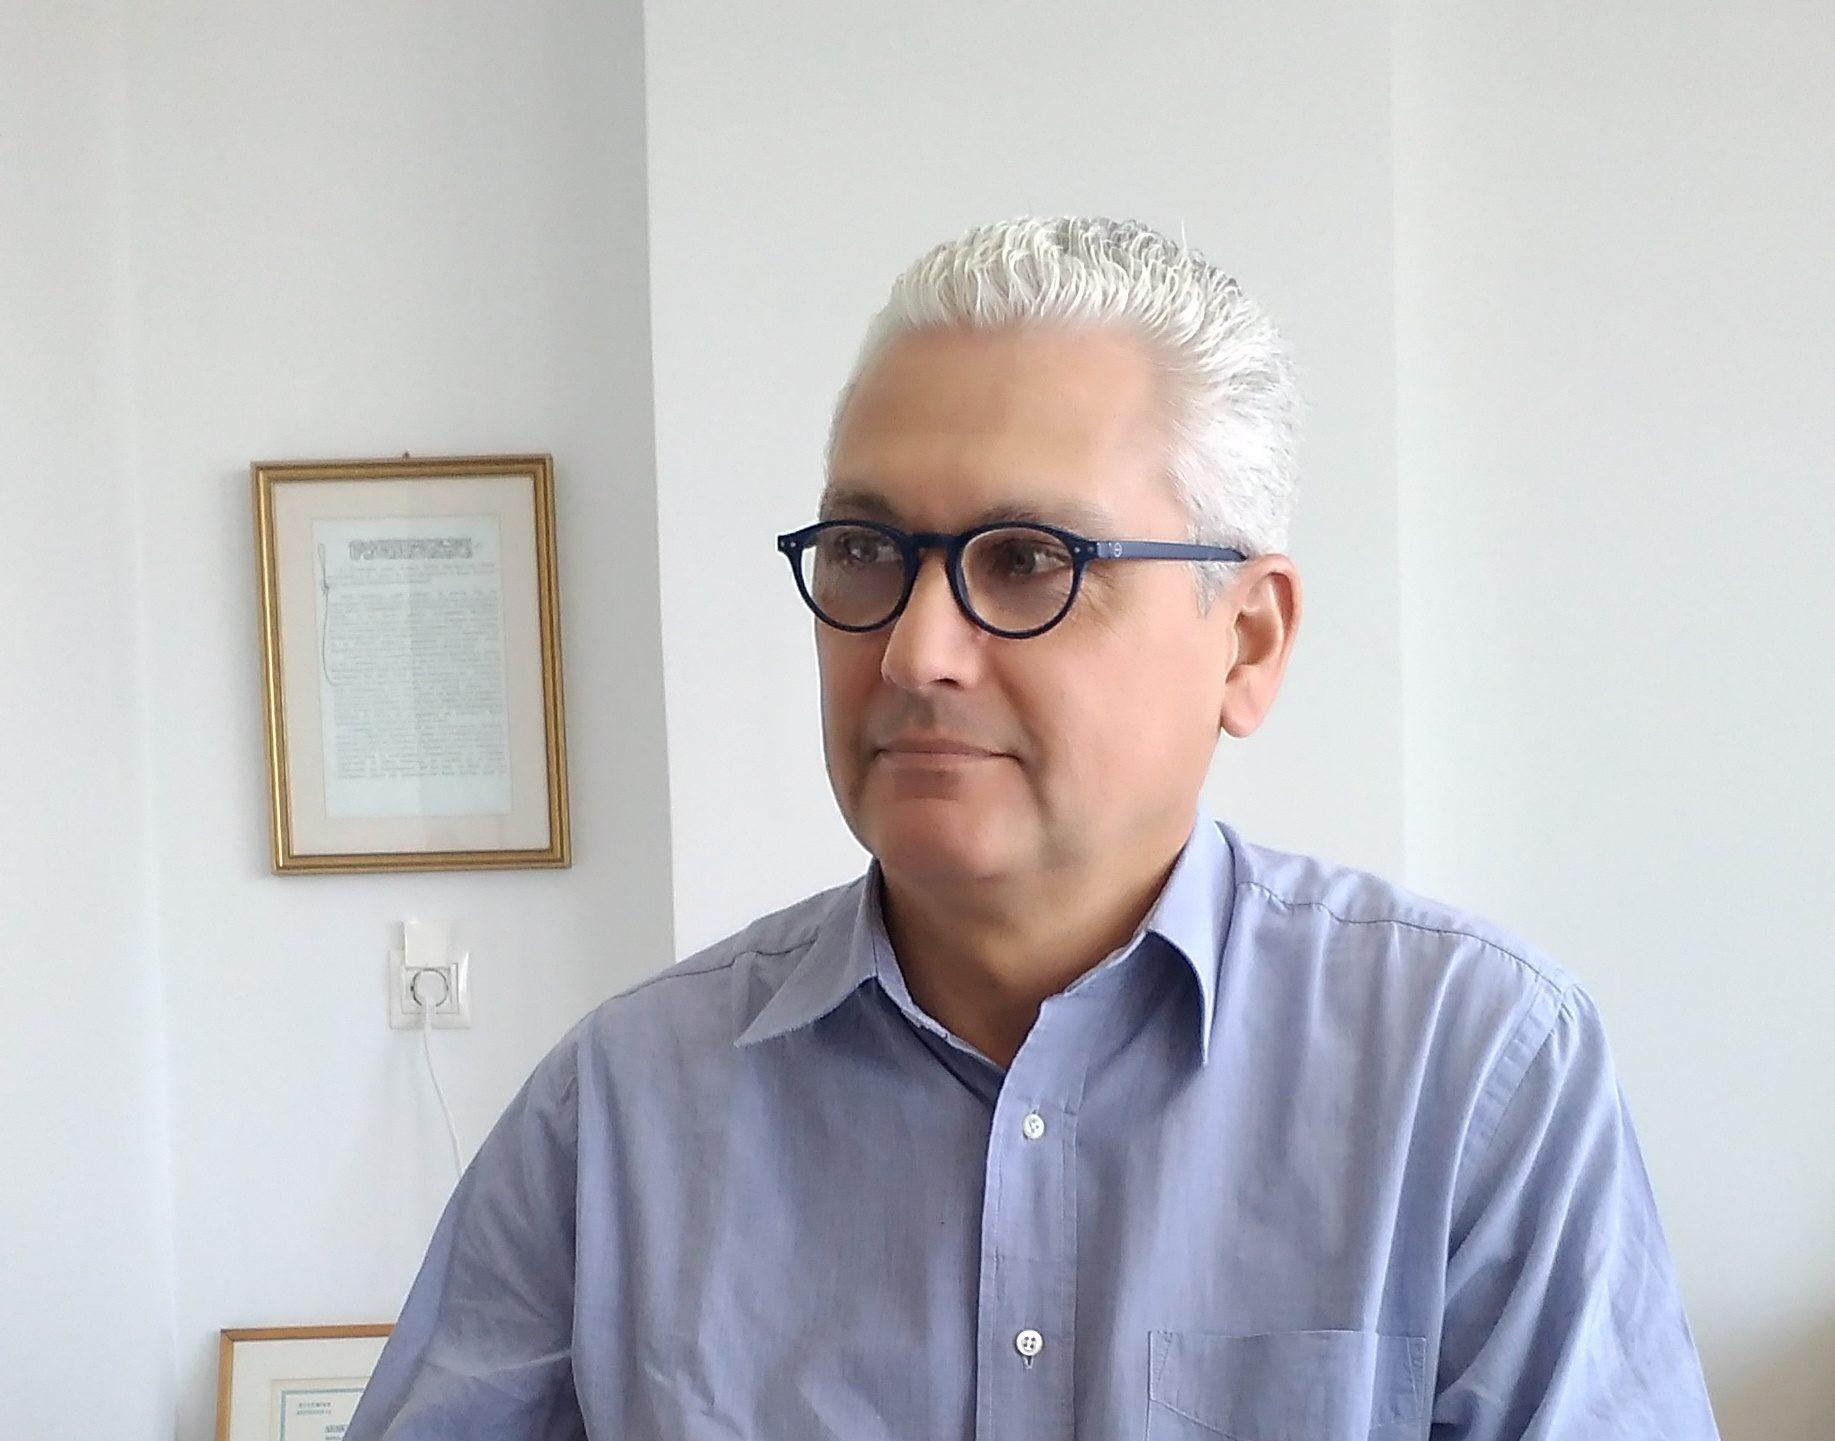 Επιστολή Ζαΐμη σε Γεωργιάδη και Πιερρακάκη για τη συγχρηματοδότηση του προγράμματος των Ευρωπαϊκών Ψηφιακών Κόμβων Καινοτομίας